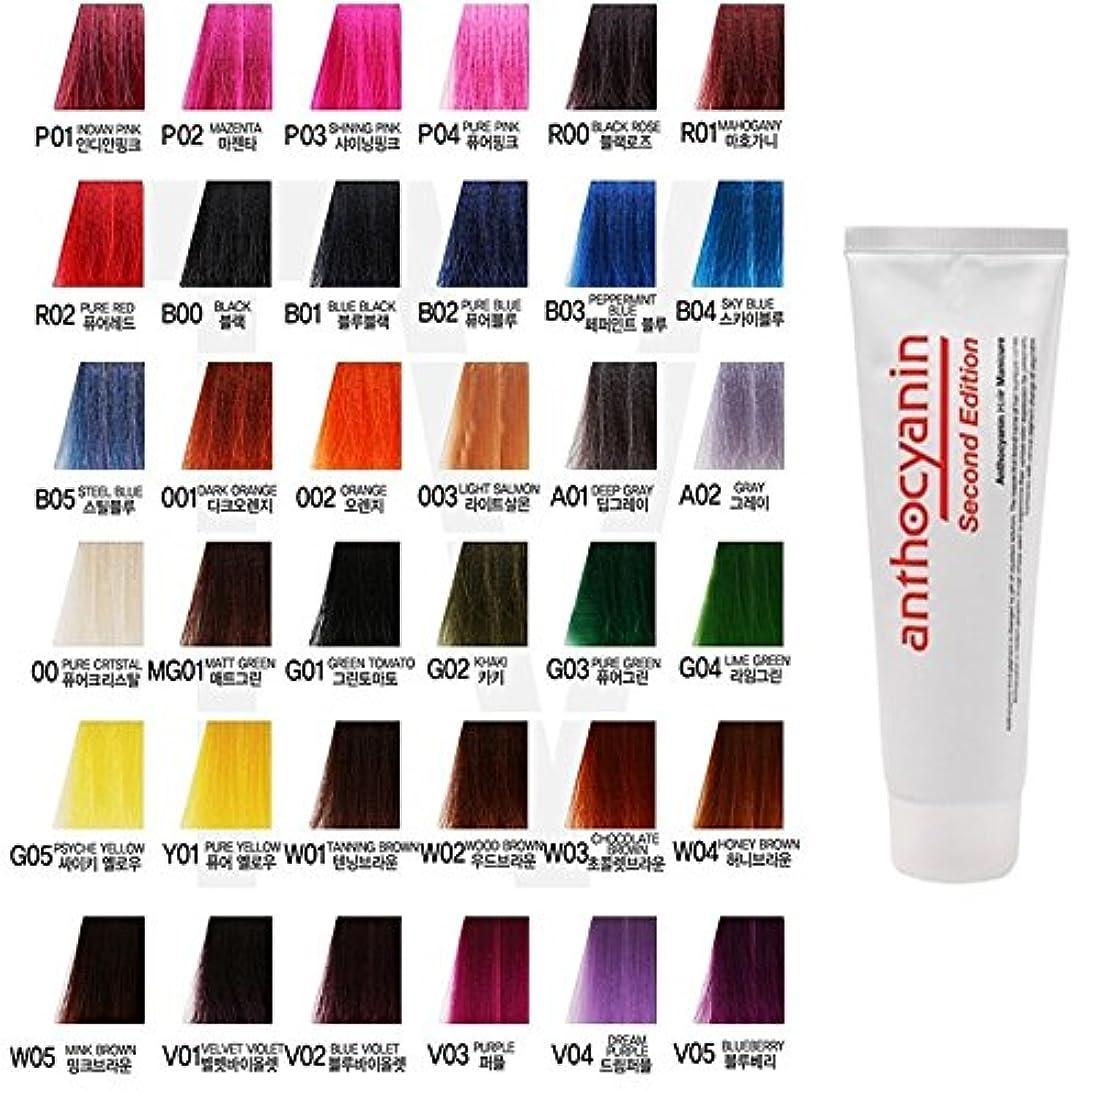 国旗コーデリアジュラシックパークヘア マニキュア カラー セカンド エディション 230g セミ パーマネント 染毛剤 ( Hair Manicure Color Second Edition 230g Semi Permanent Hair Dye) [並行輸入品] (WA03 Mud Brown)